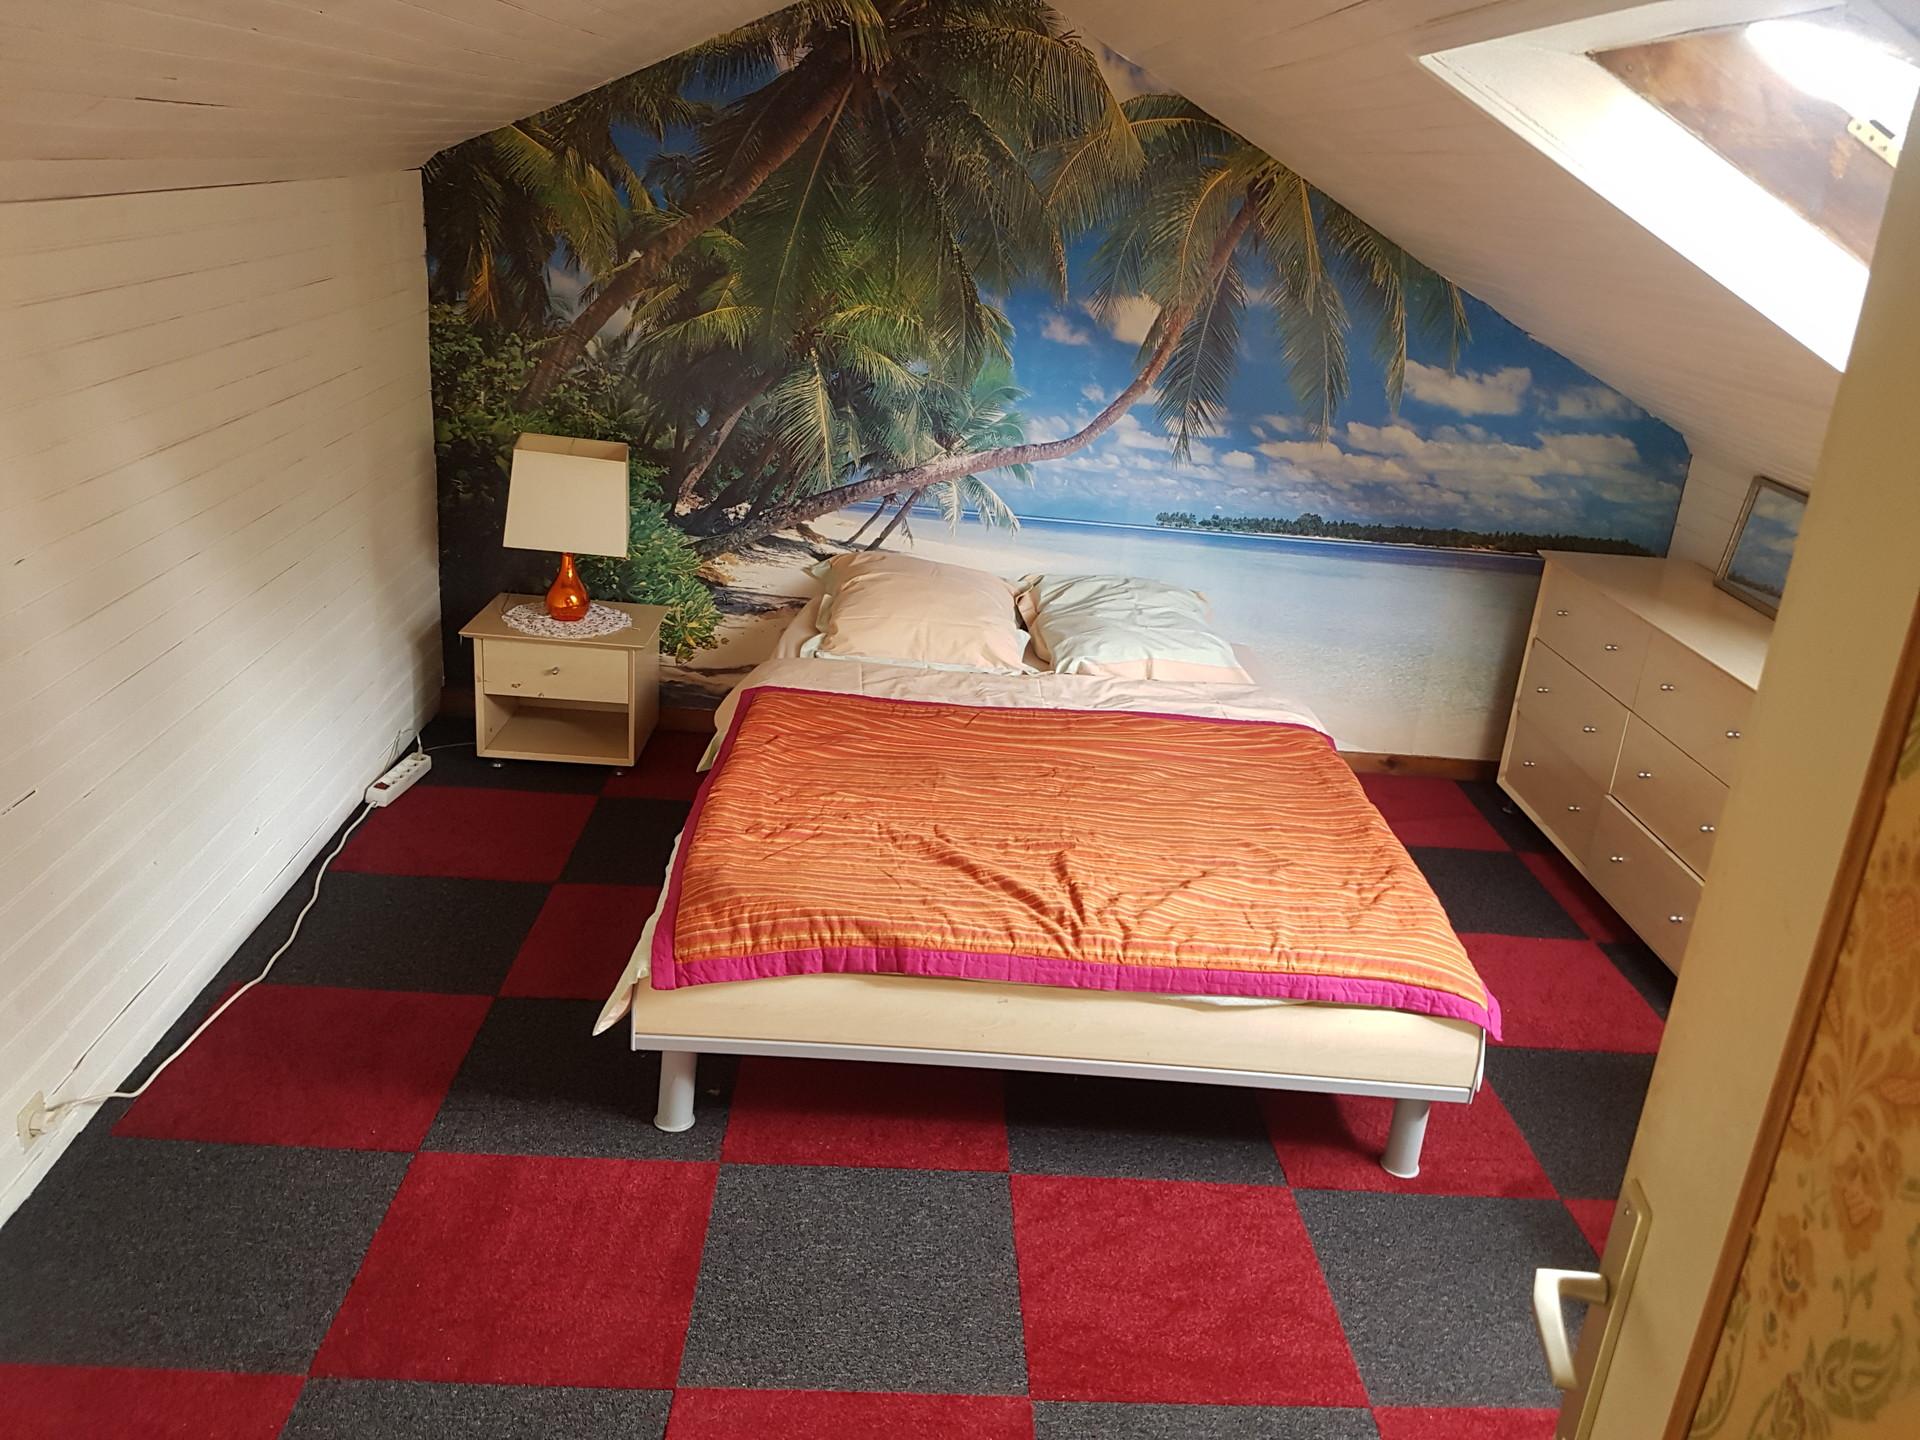 Chambre chez l 39 habitant dans une maison location - Chambre chez l habitant quimper ...